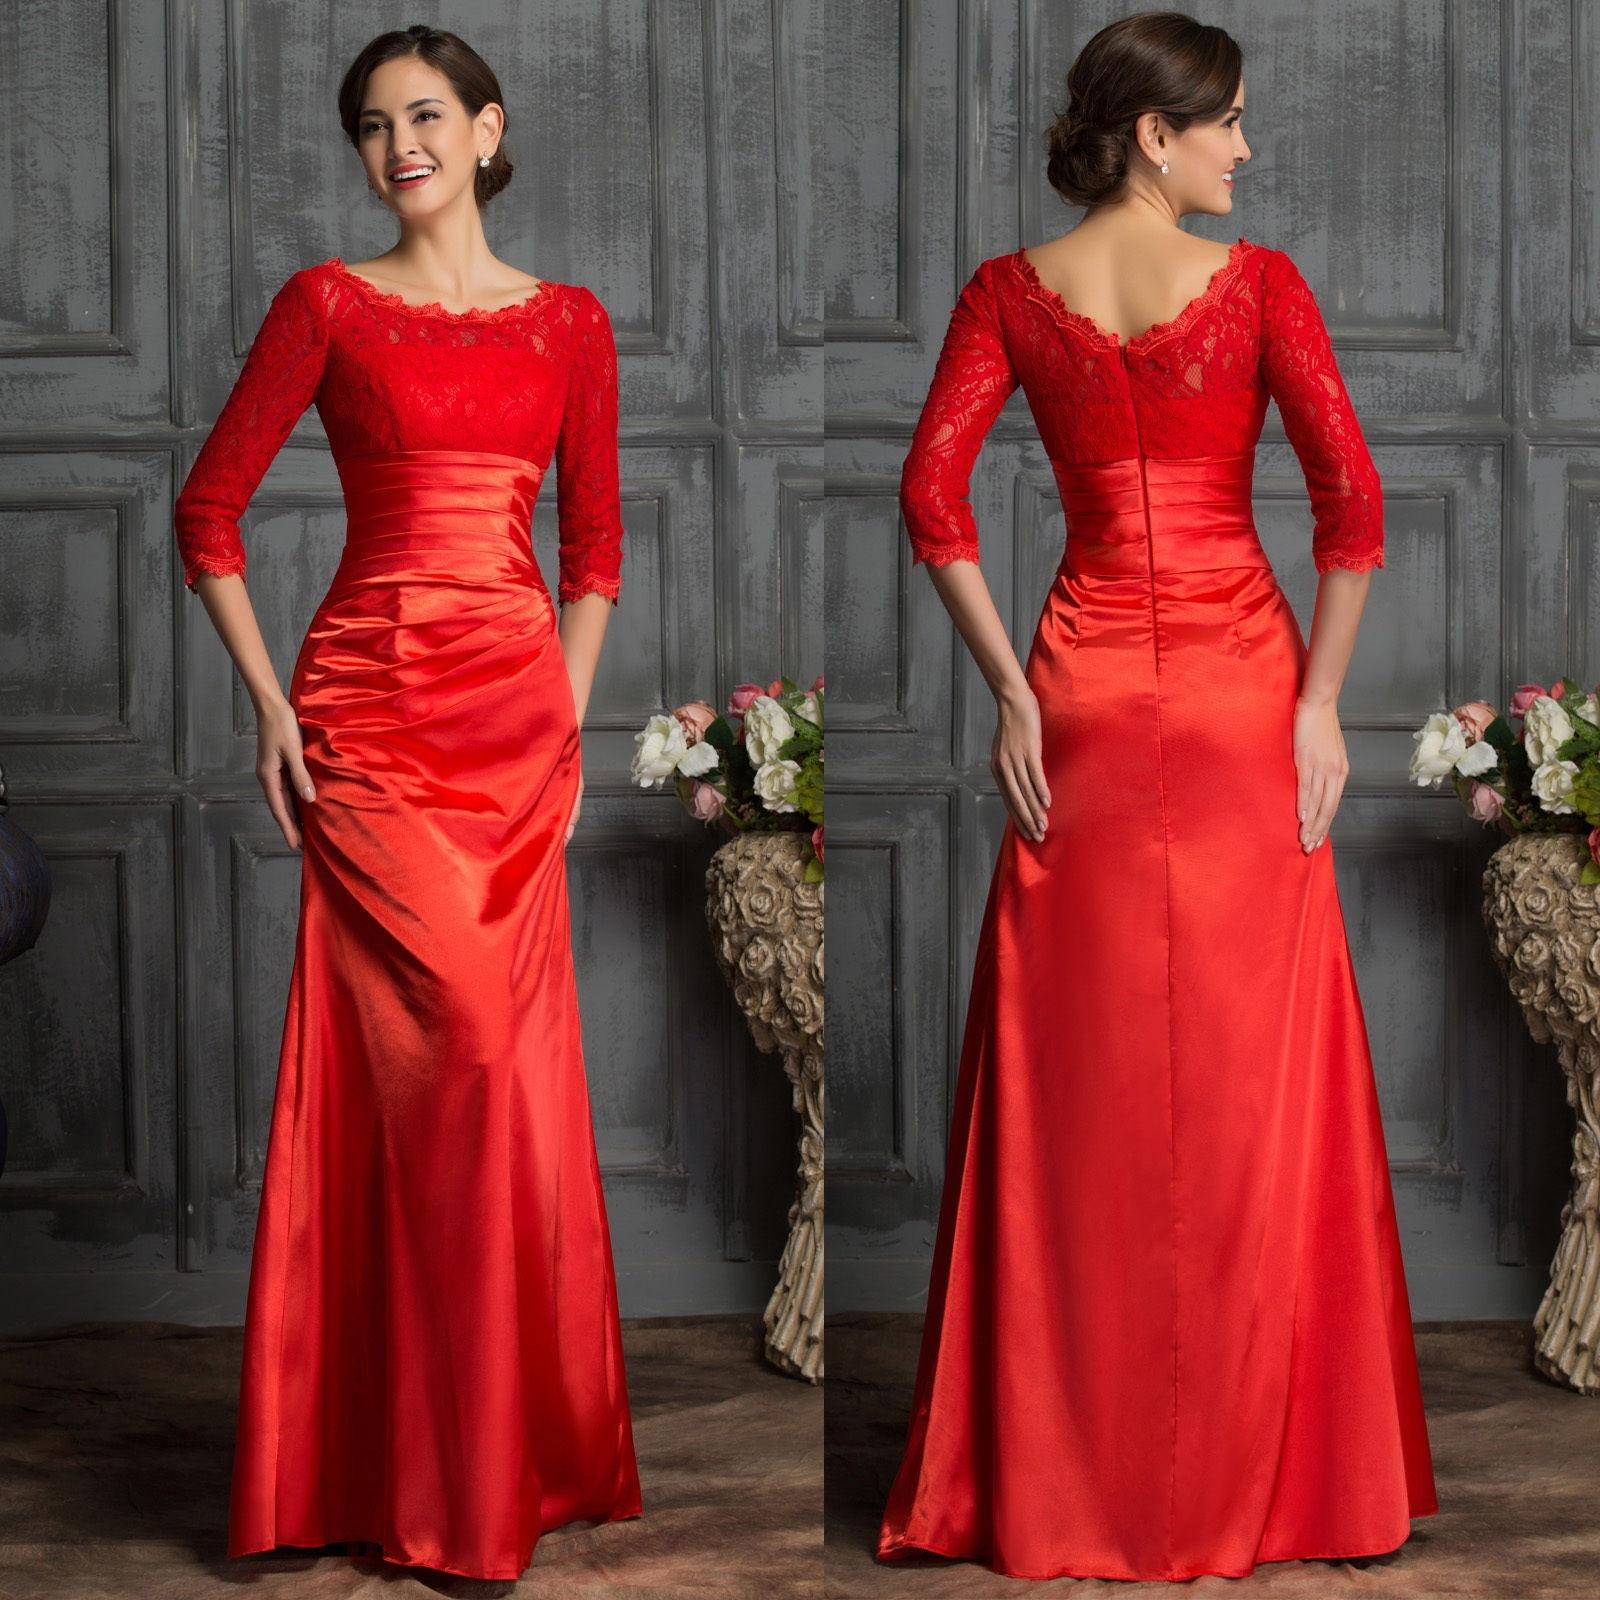 Abend Einzigartig Abendkleider Lang Rot Spitze Galerie10 Kreativ Abendkleider Lang Rot Spitze Vertrieb